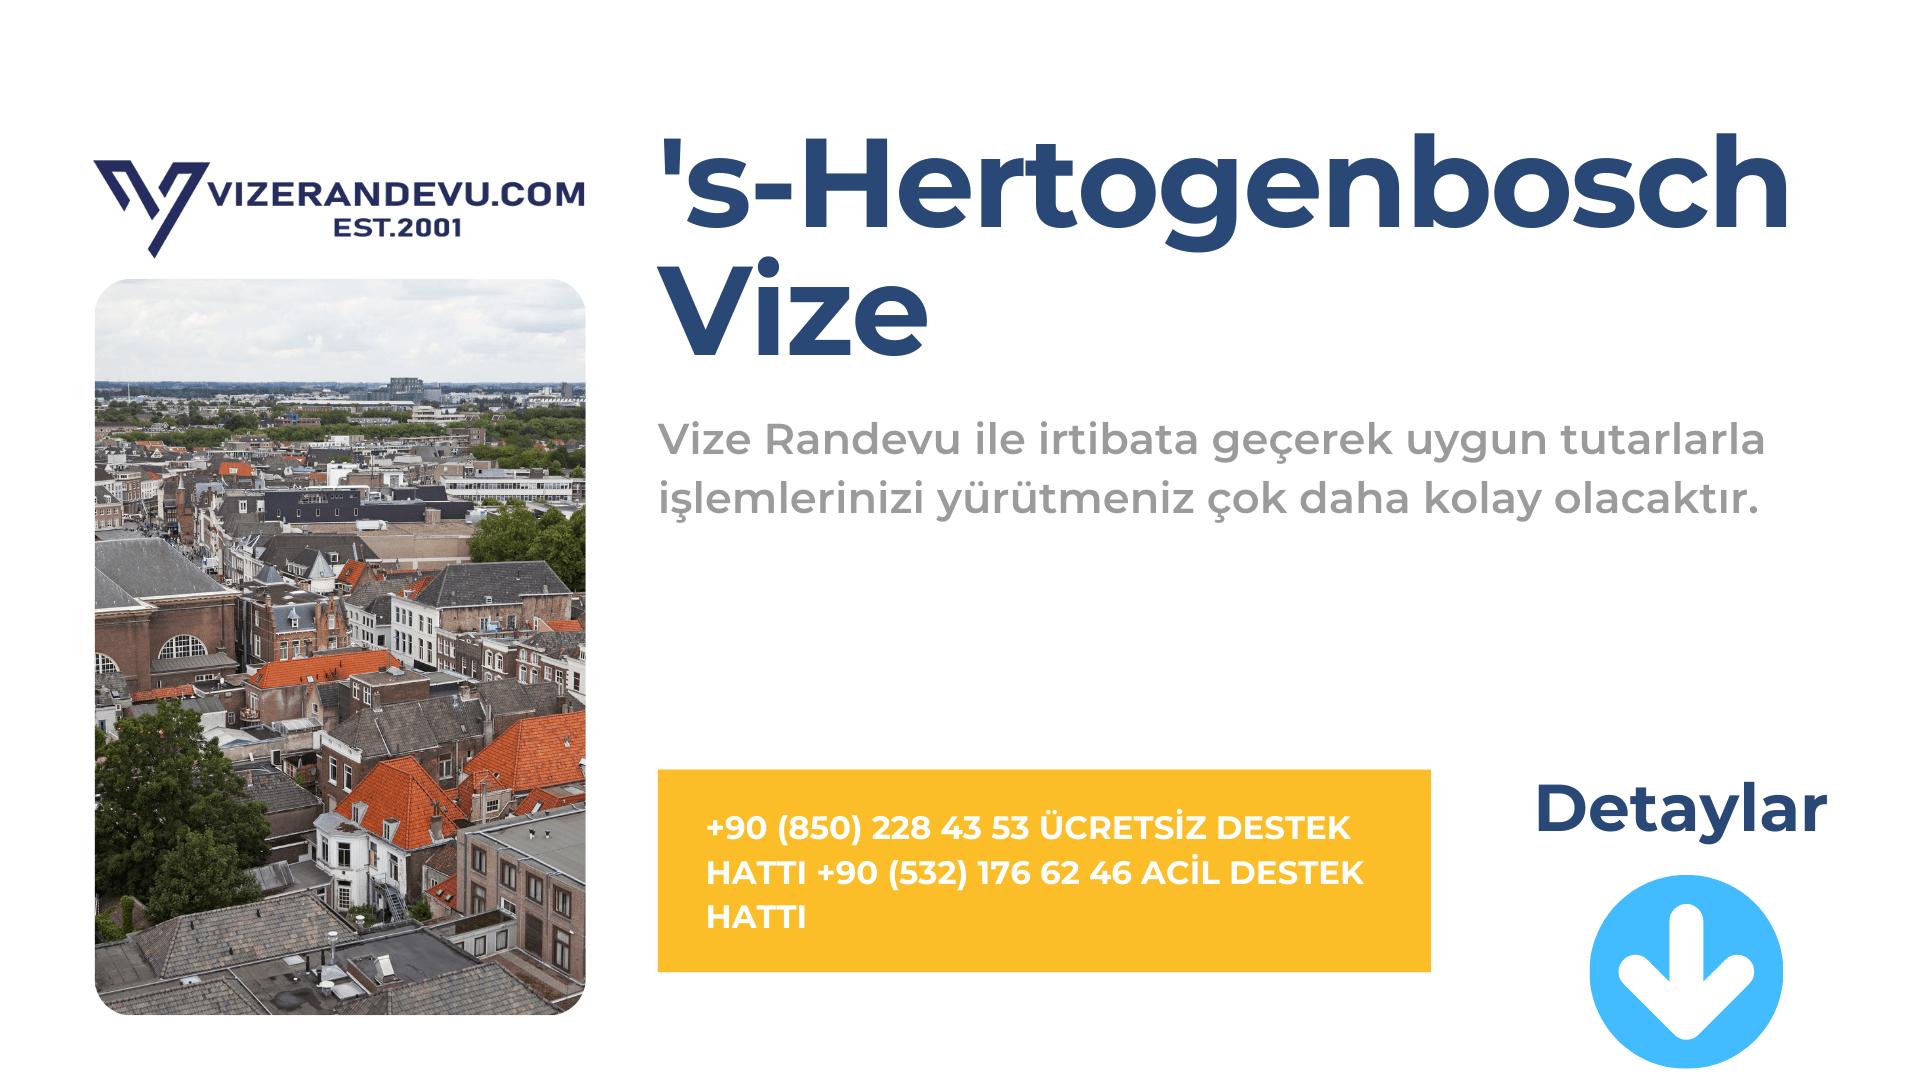 Hollanda S- Hertogenbosch Vize Başvurusu